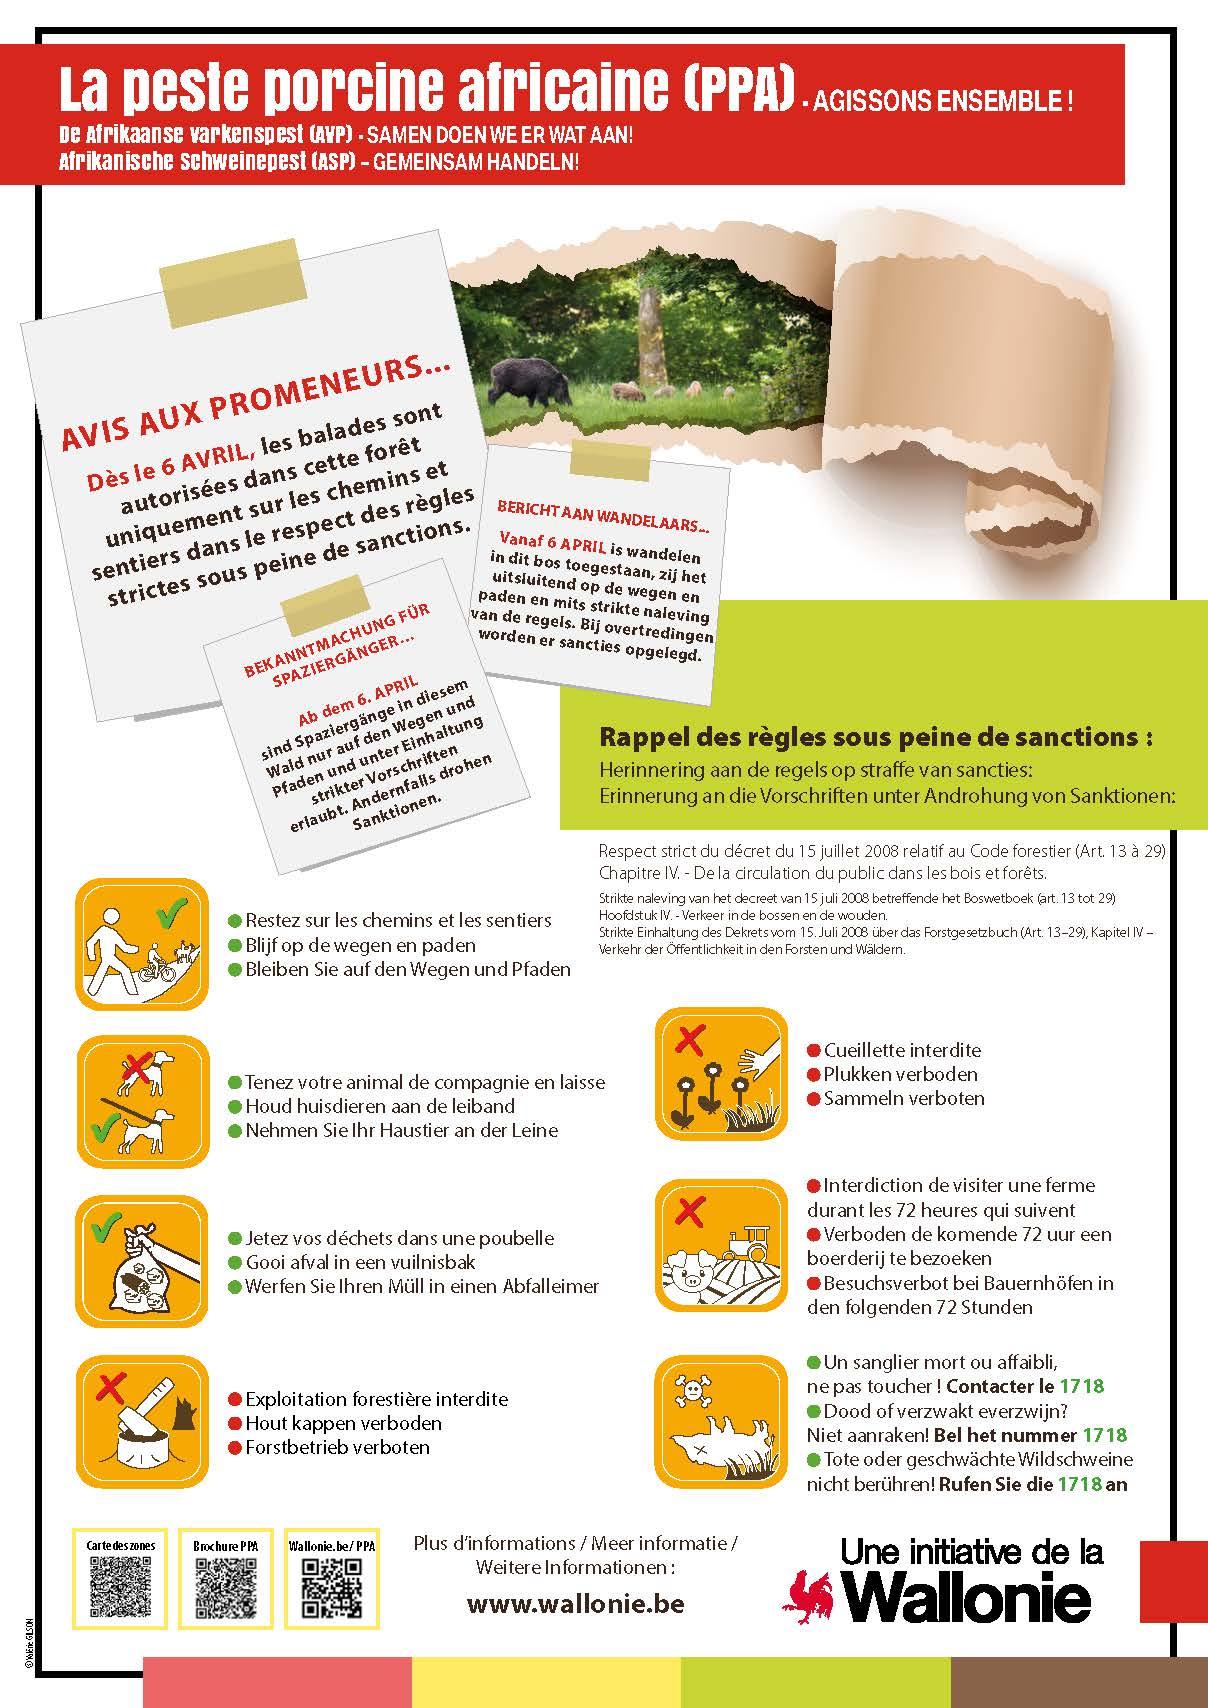 Affiche PPA avec les consignes pour les promenades en foret dans le sud de la Wallonie